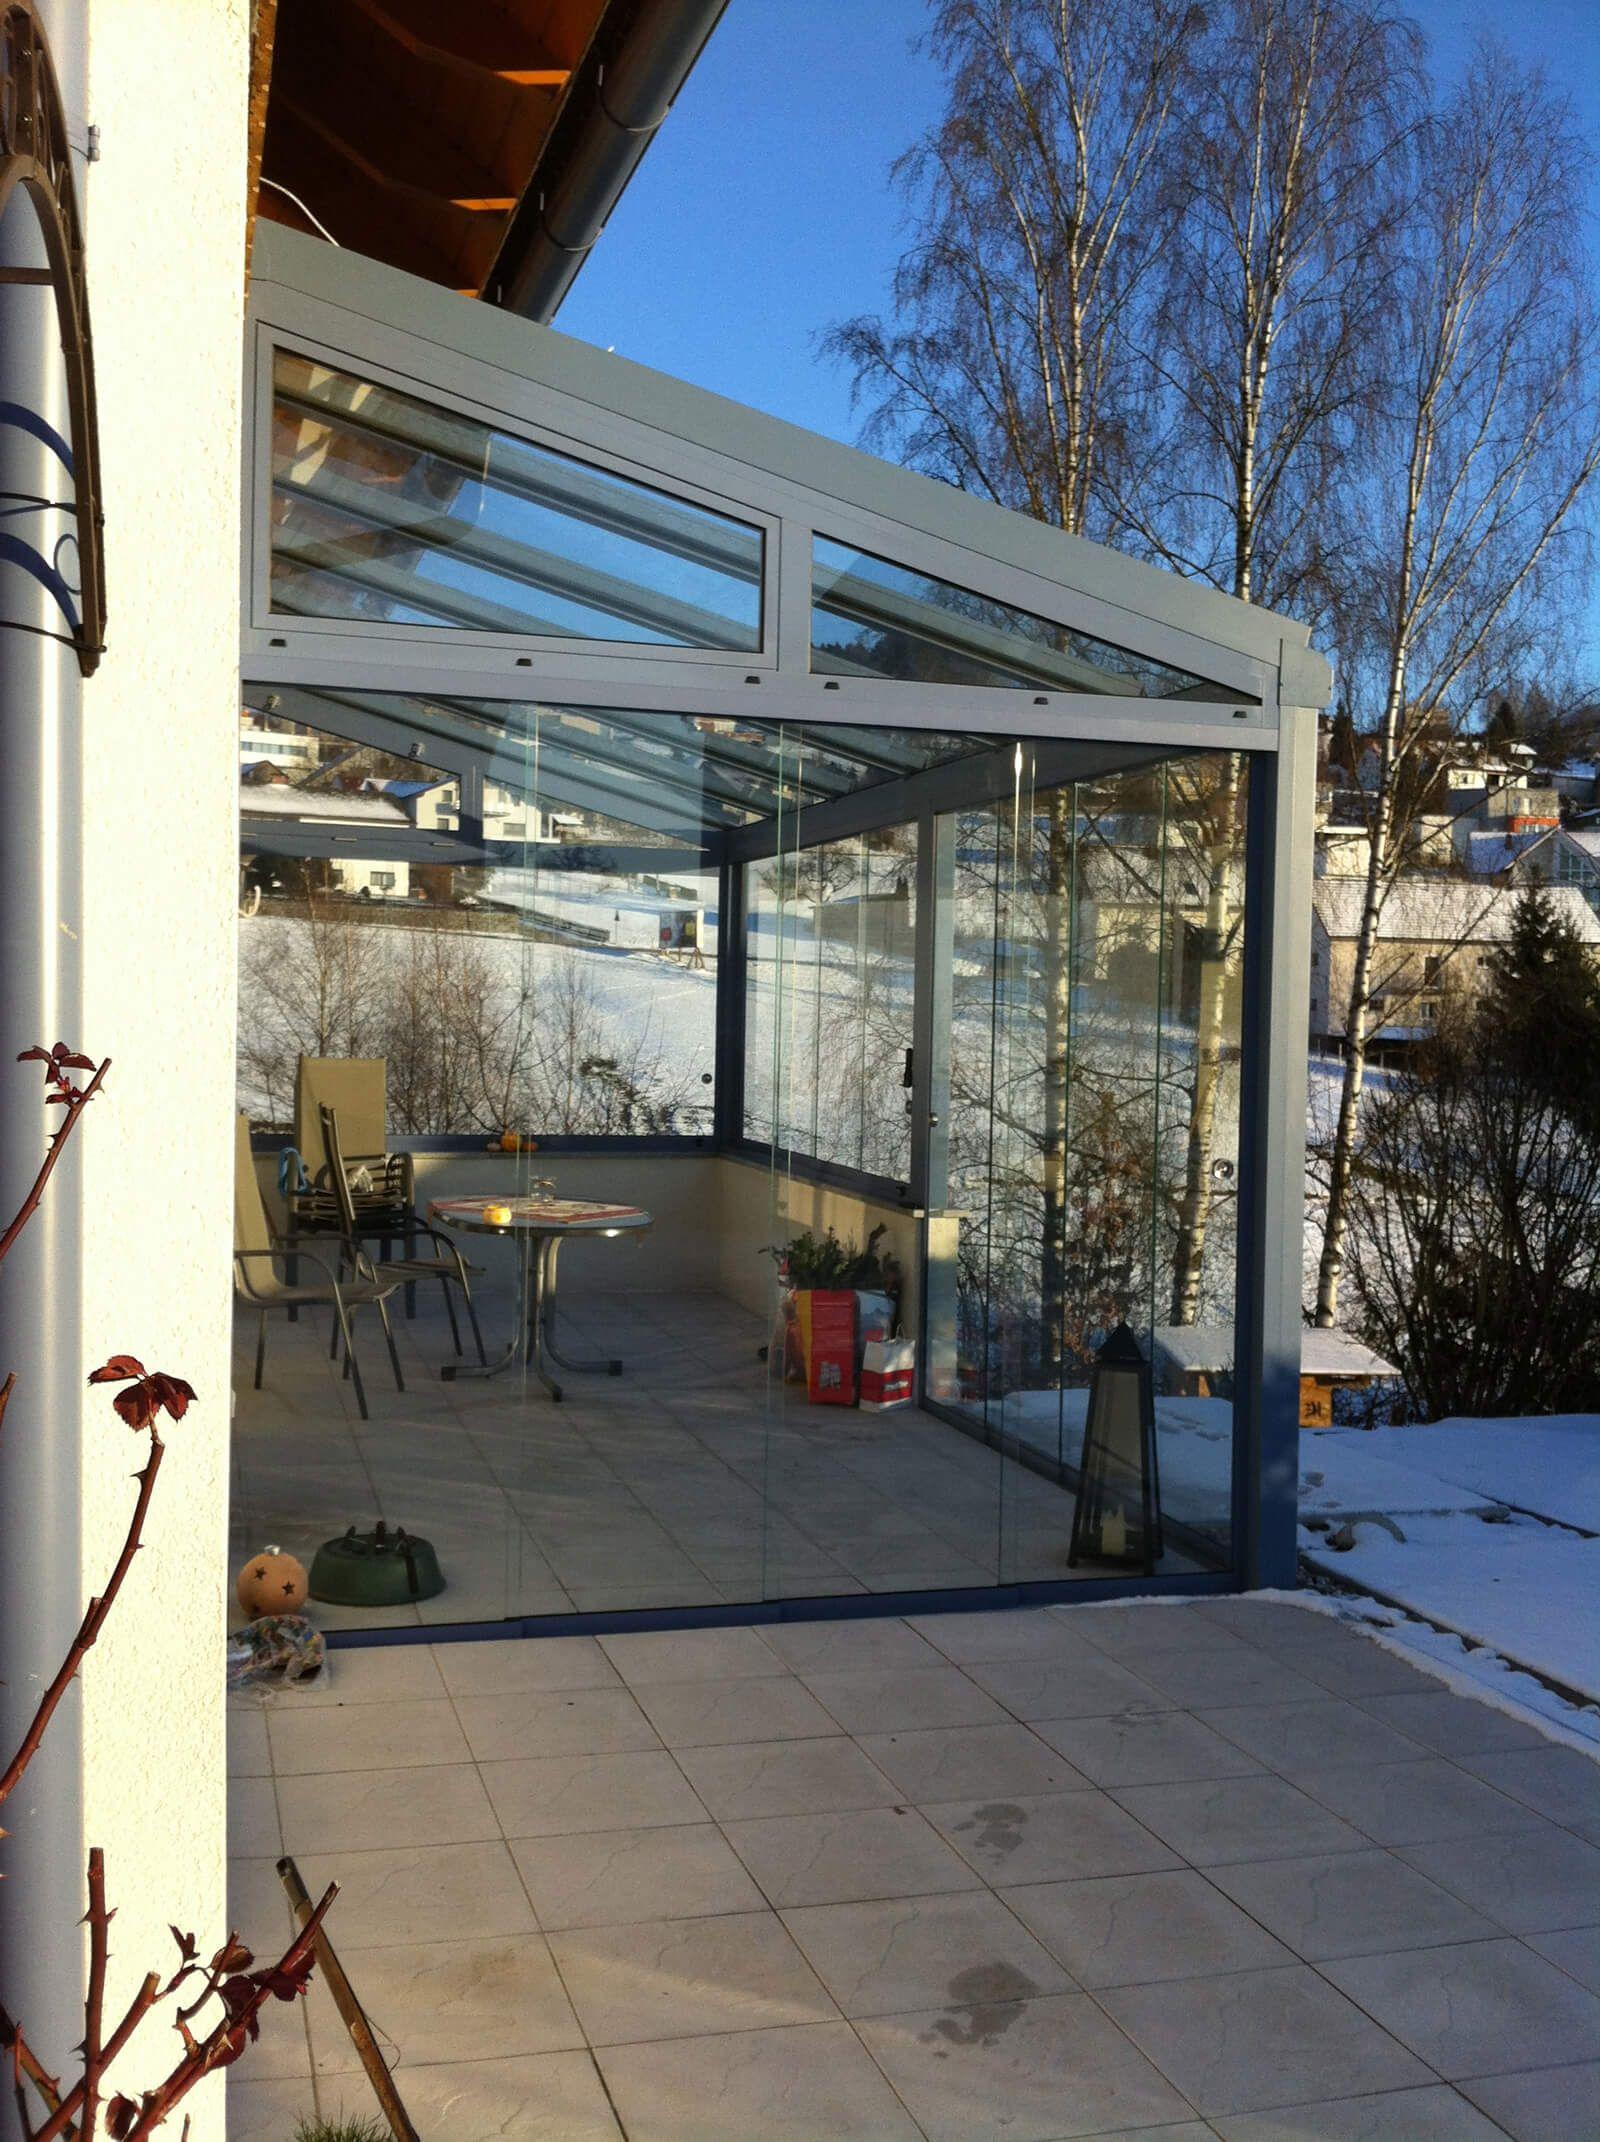 Moderne Terrassenuberdachung In Aluminium Terrassenuberdachung Sommergarten Glasschiebeturen Sunflex S Sommergarten Kaltwintergarten Uberdachung Terrasse